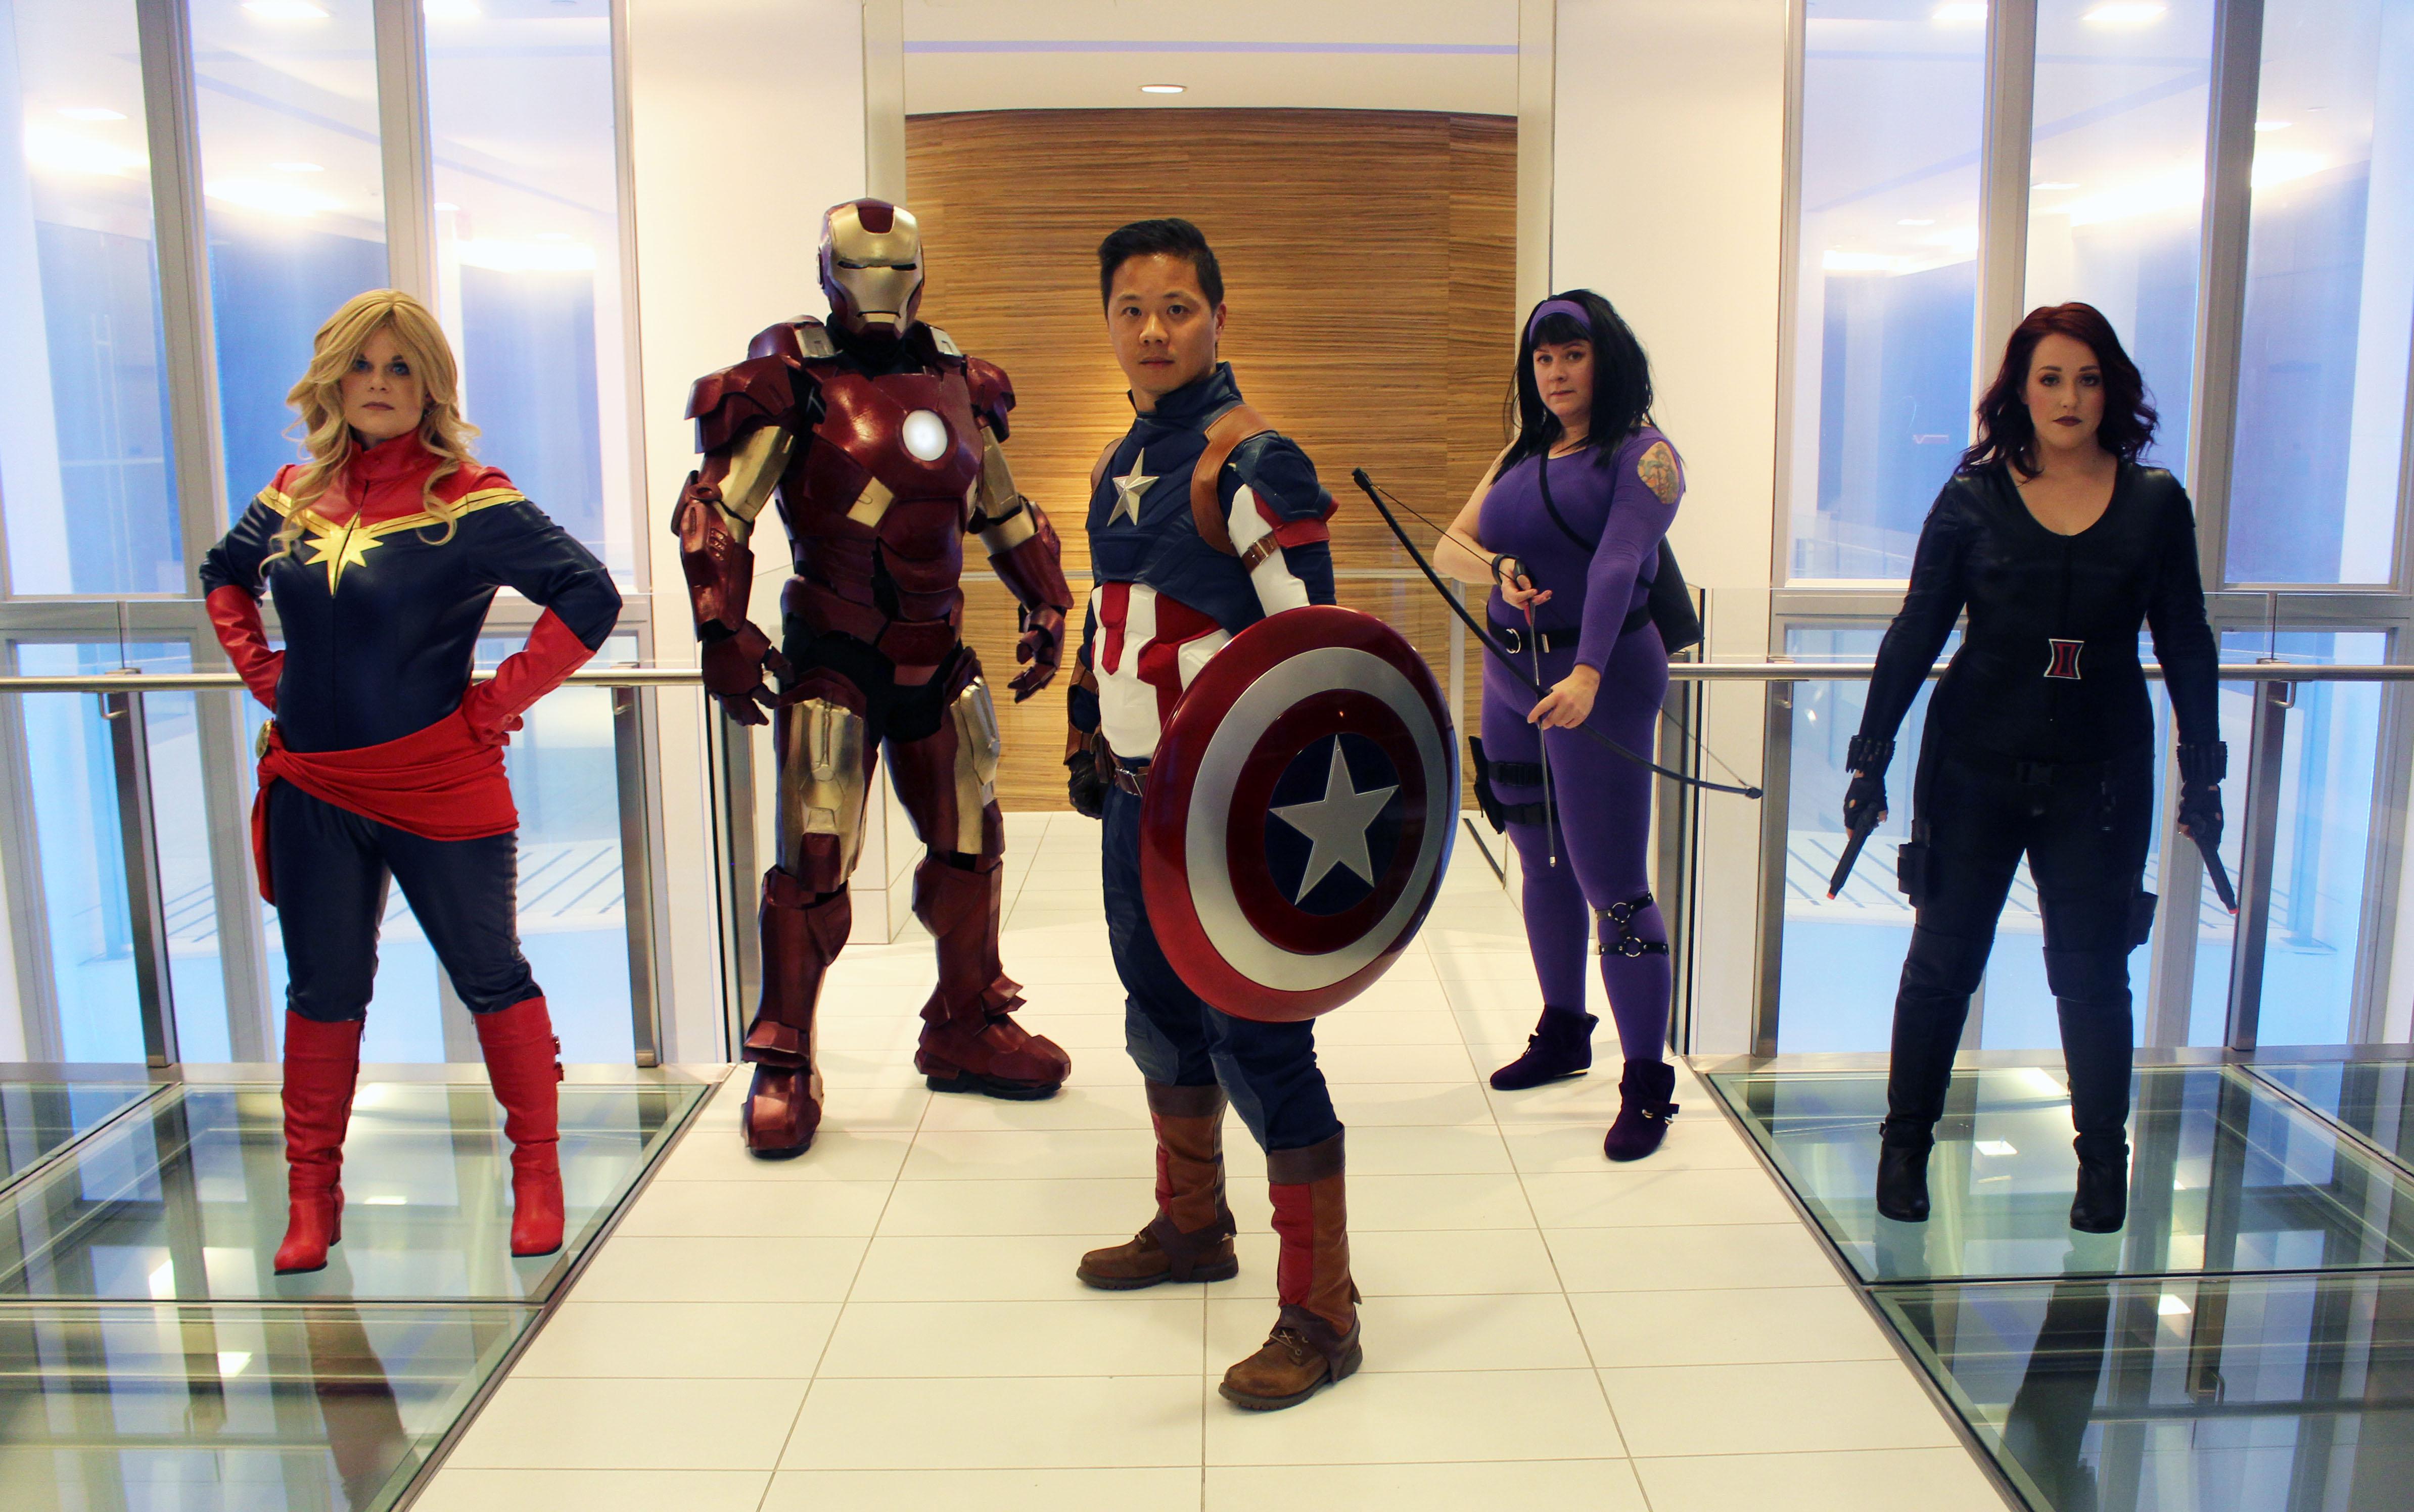 The Avengers: Halloween 2017: The Avengers